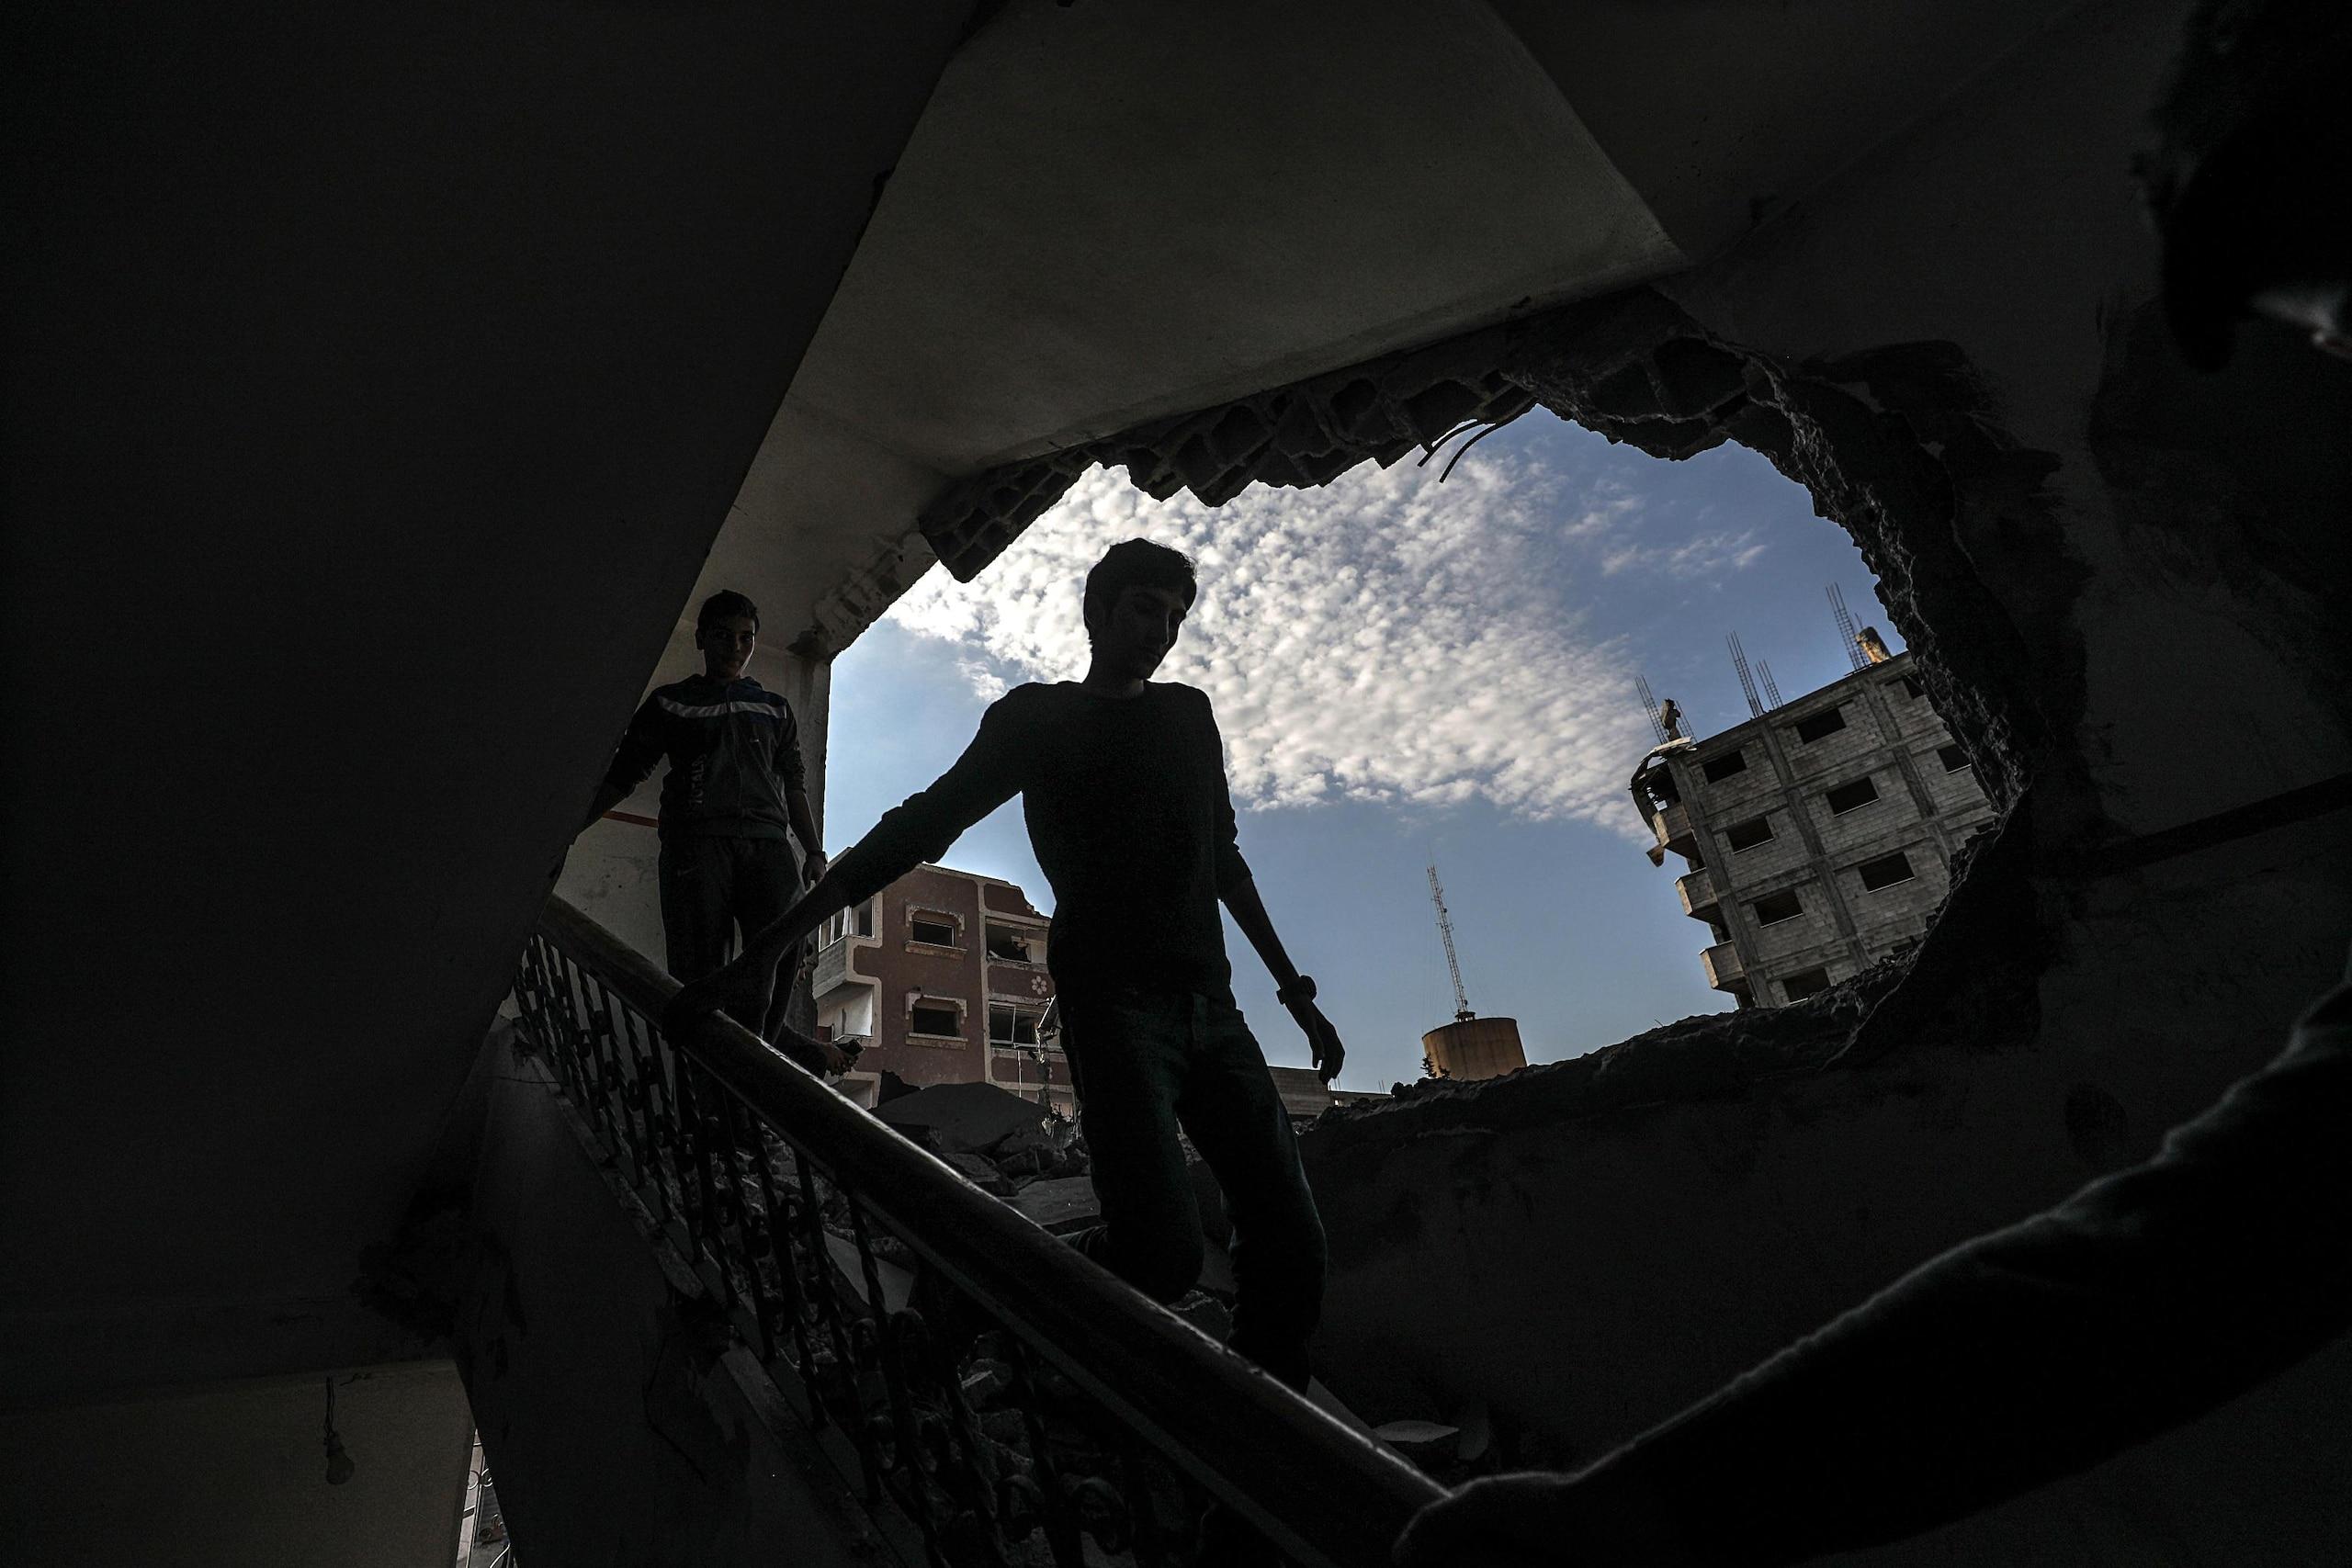 Fazioni Gaza, intesa su 'cessate fuoco'